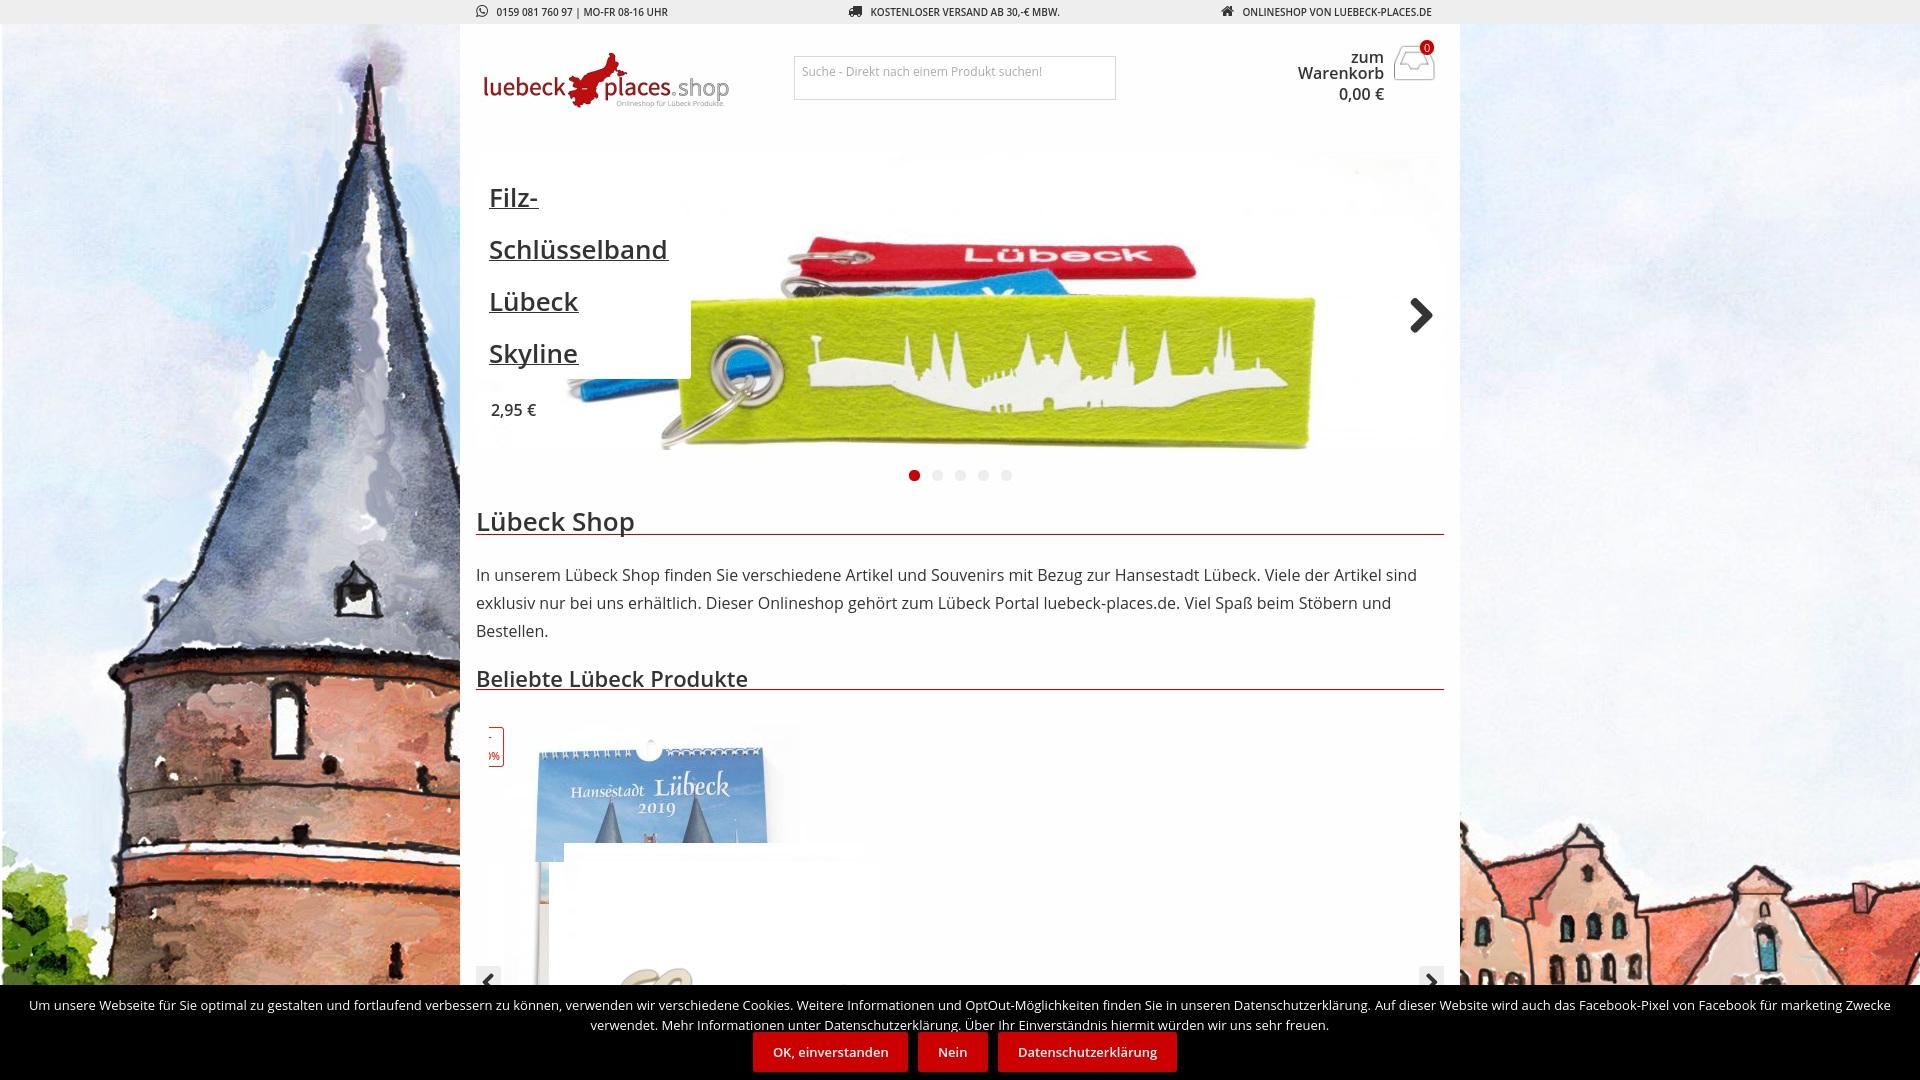 Gutschein für Luebeck-places: Rabatte für  Luebeck-places sichern